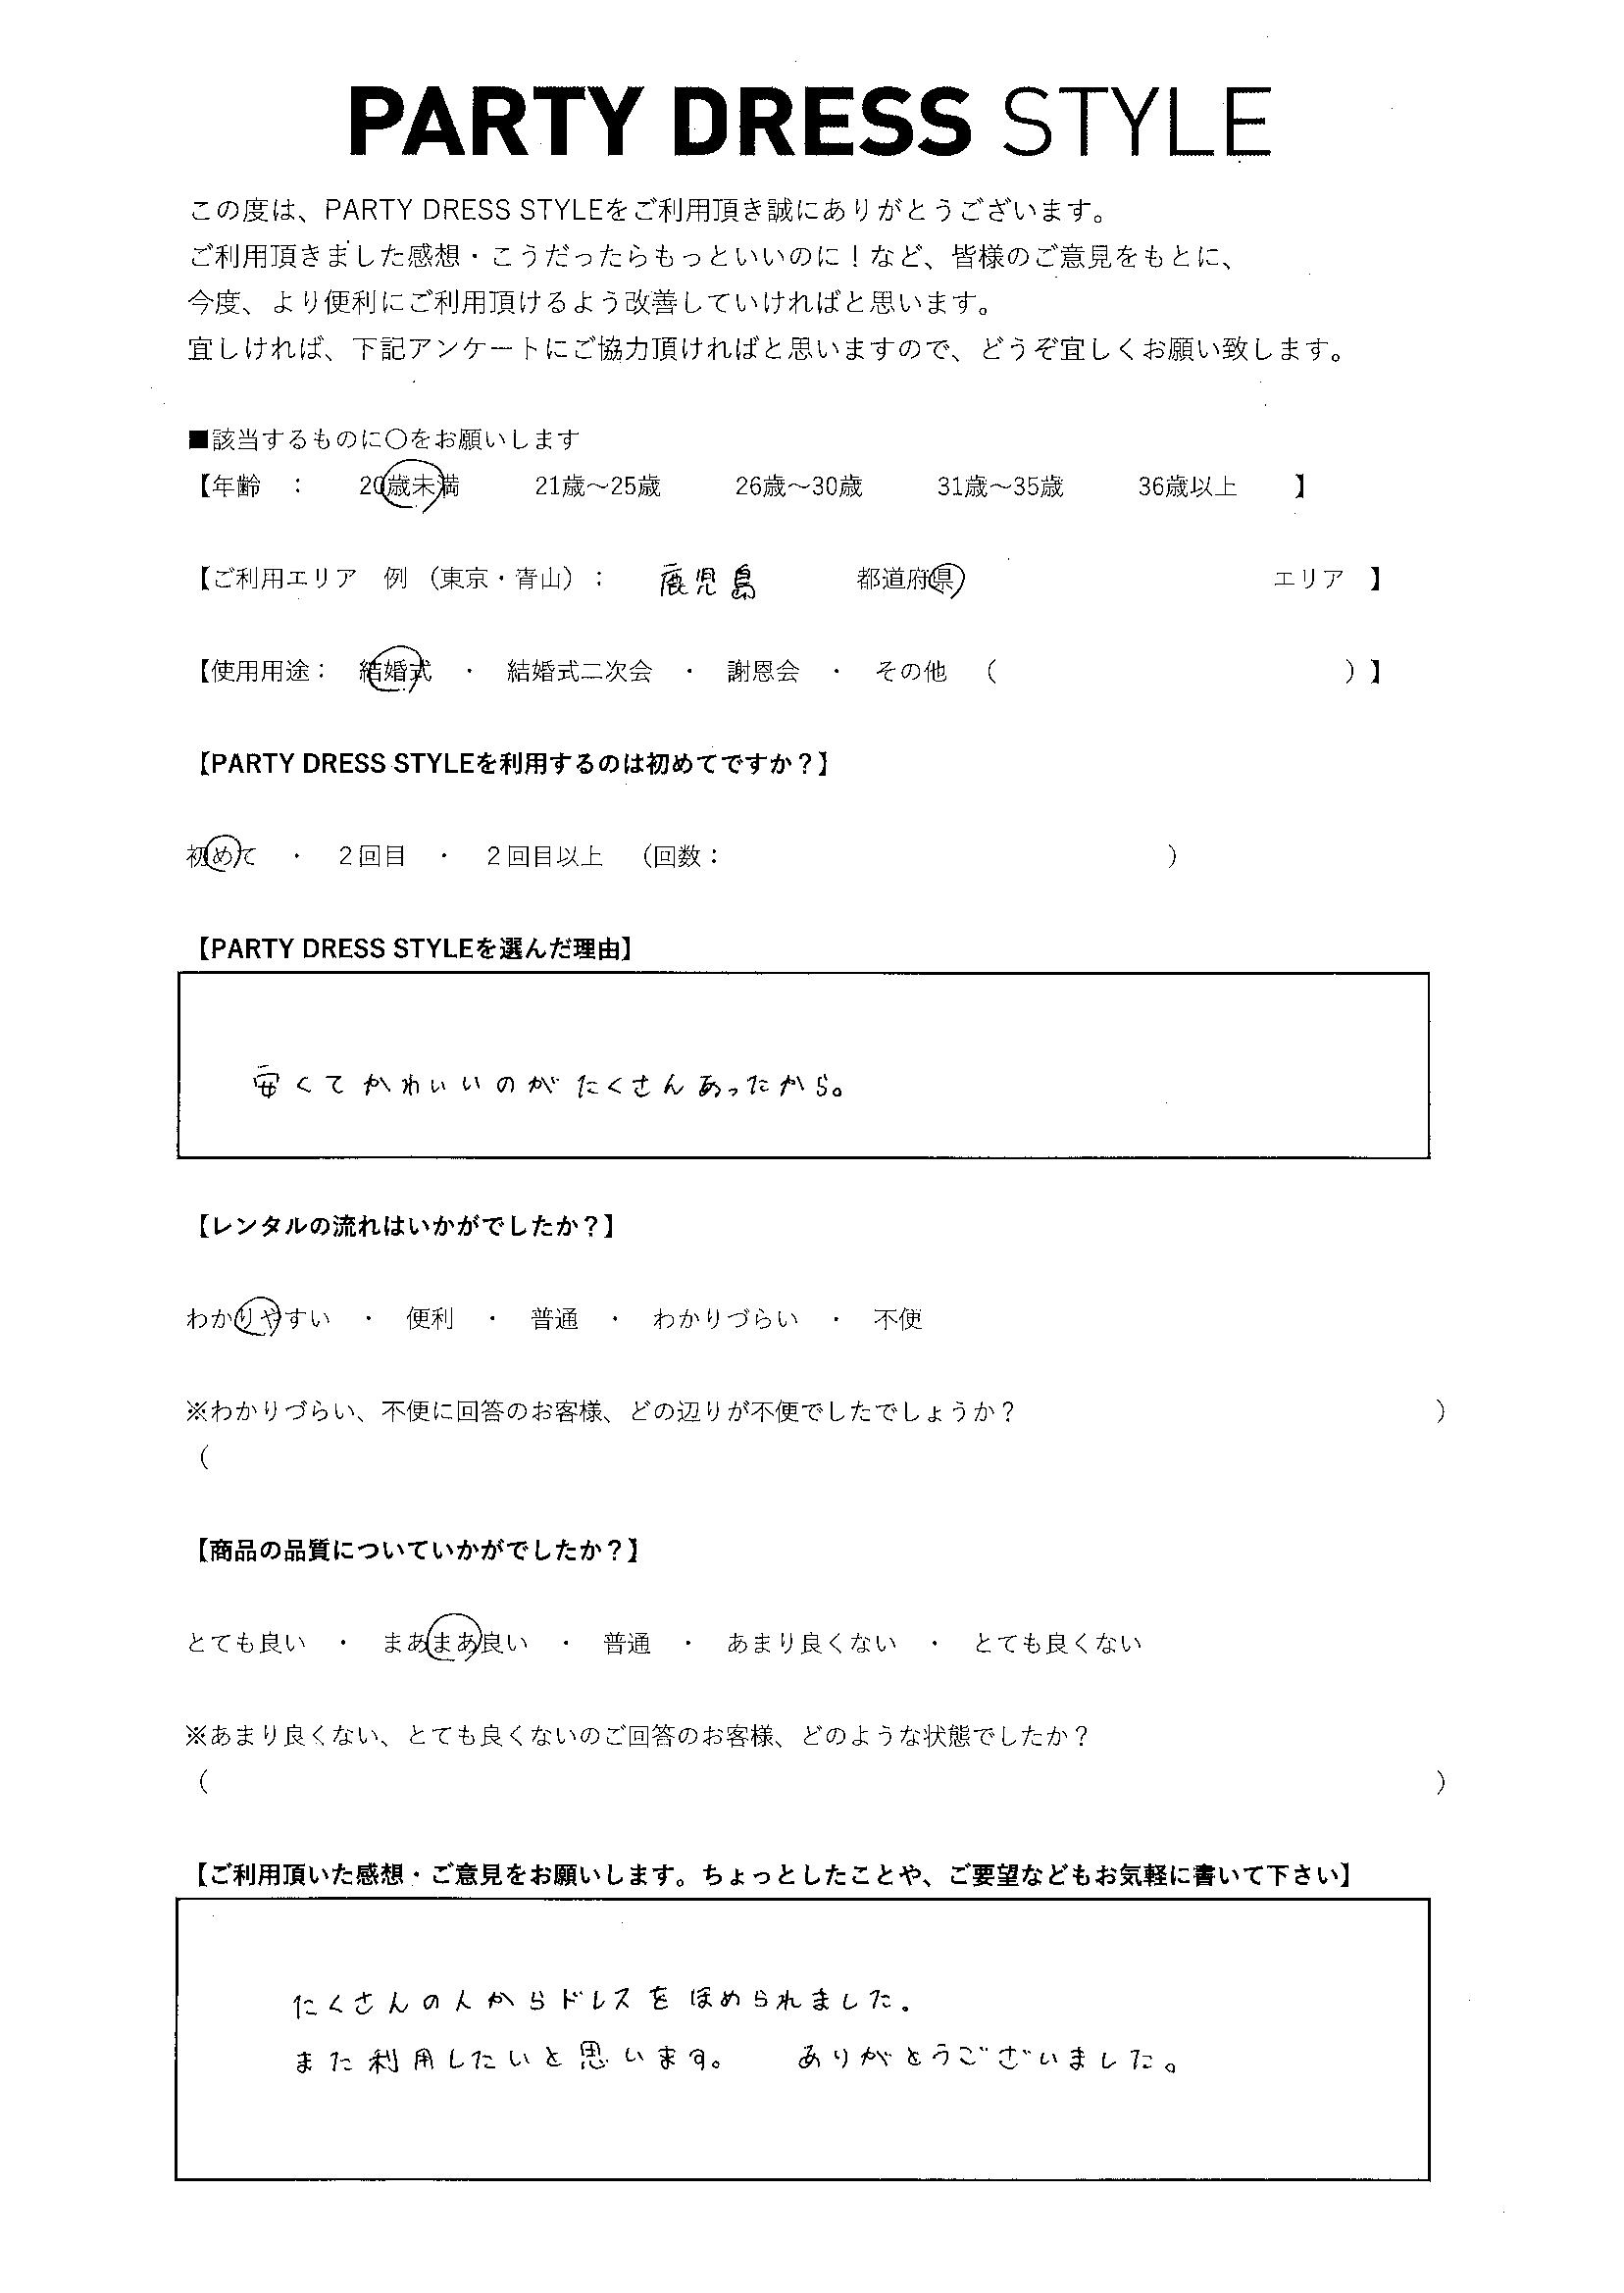 6/29結婚式ご利用 鹿児島エリア